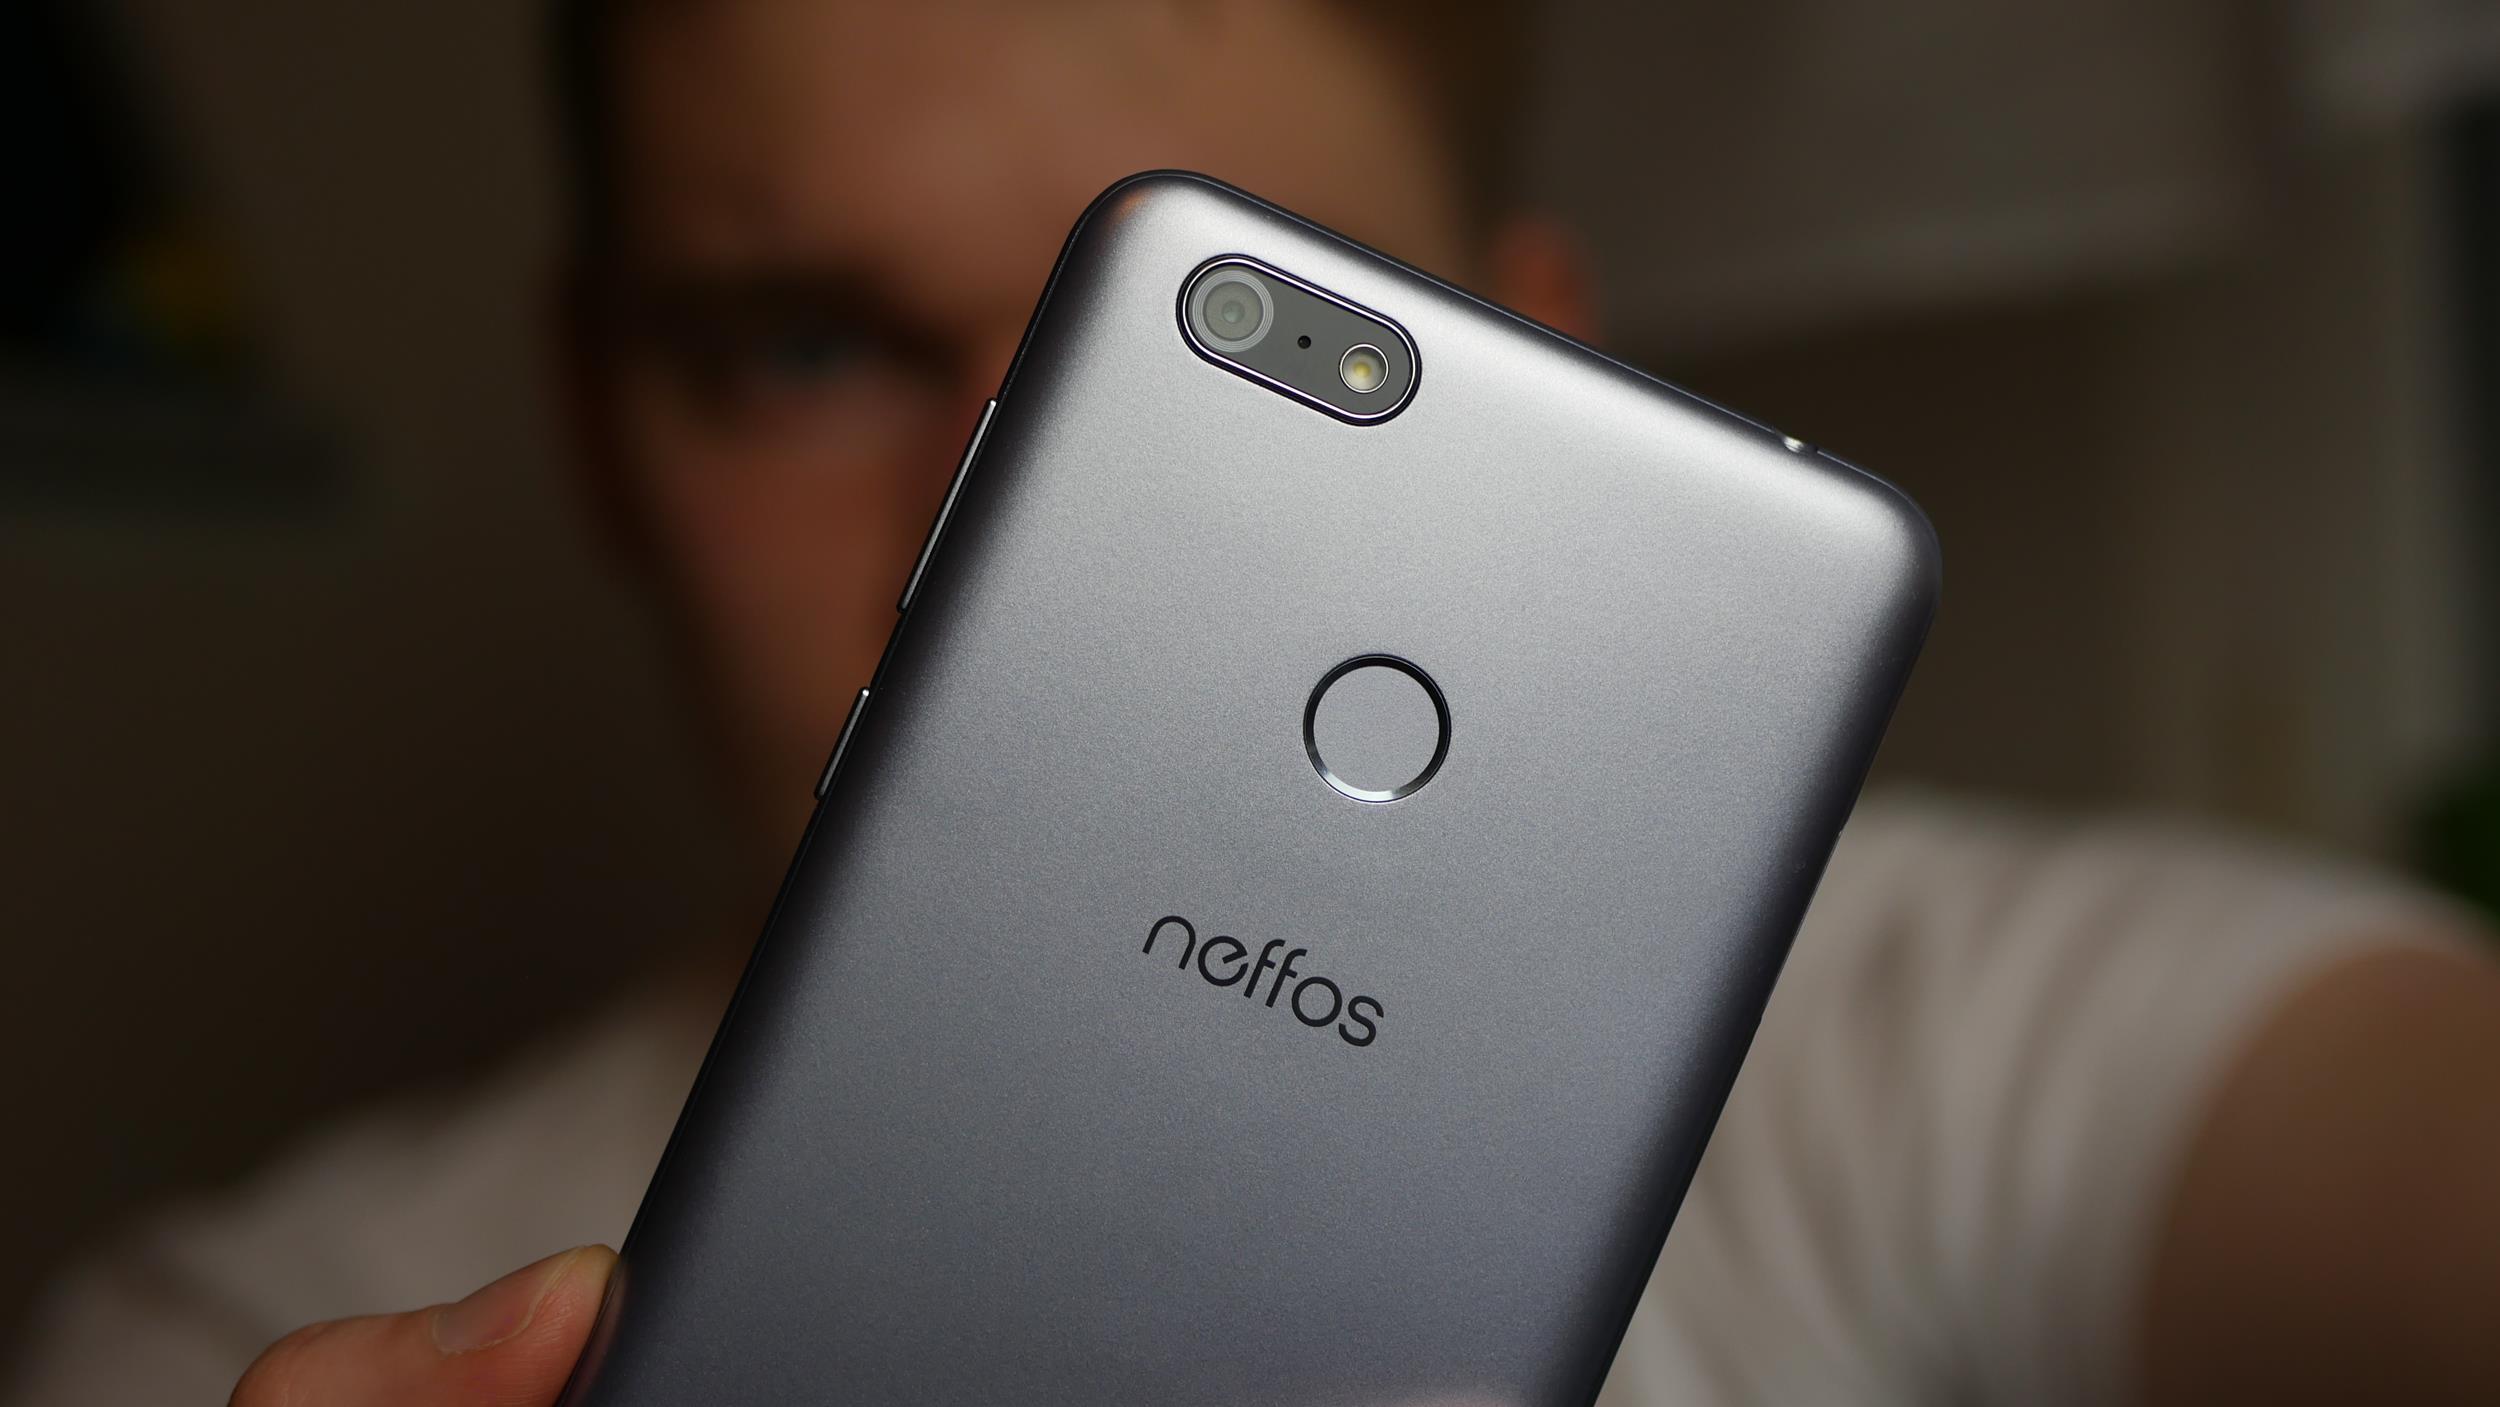 Recenzja TP-Link Neffos C9 - smartfona, po którym spodziewałem się dużo więcej...